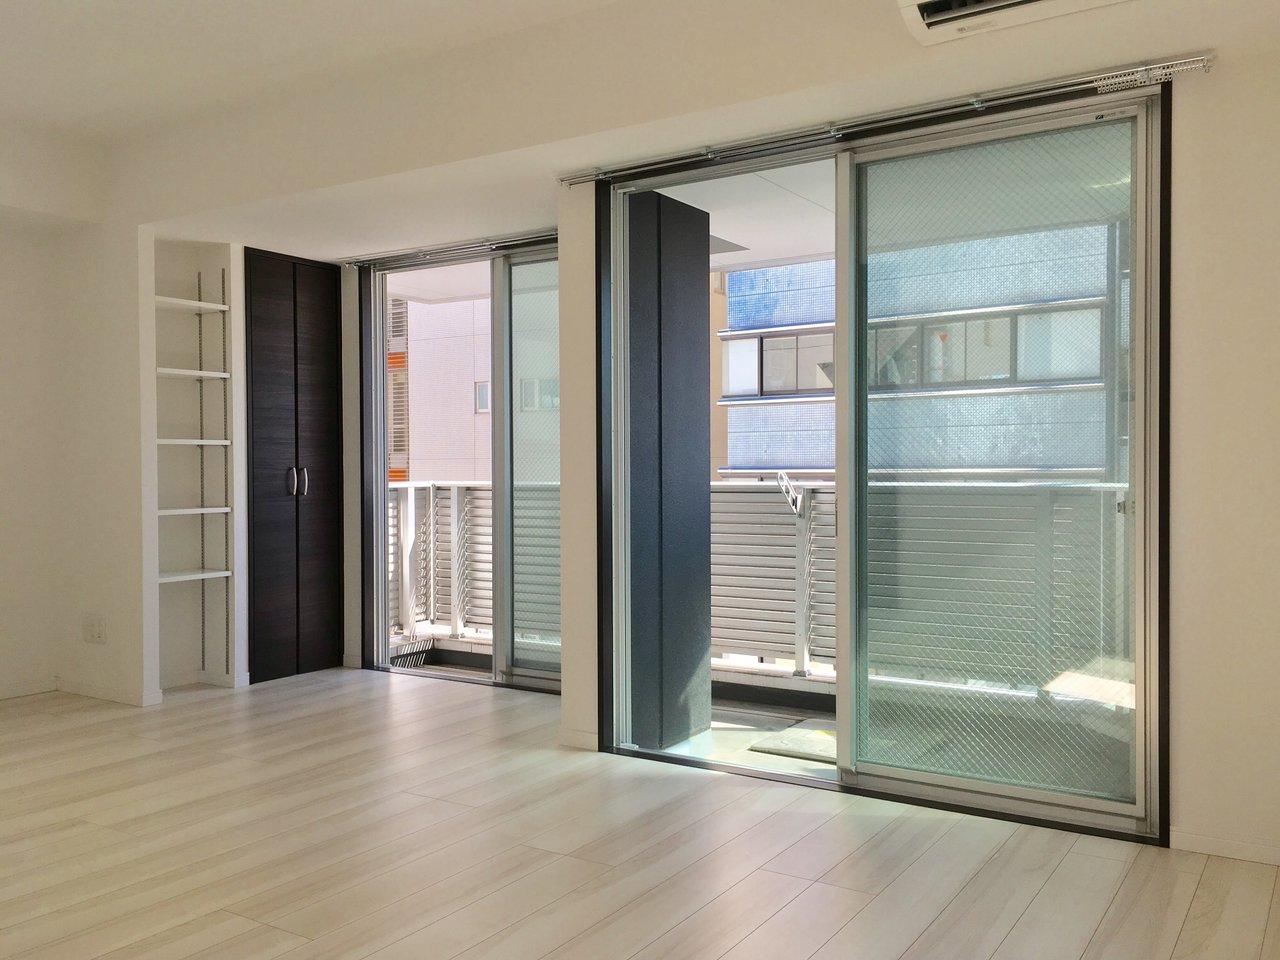 築浅のデザイナーズのお部屋。窓が大きい横長のリビングが嬉しいです